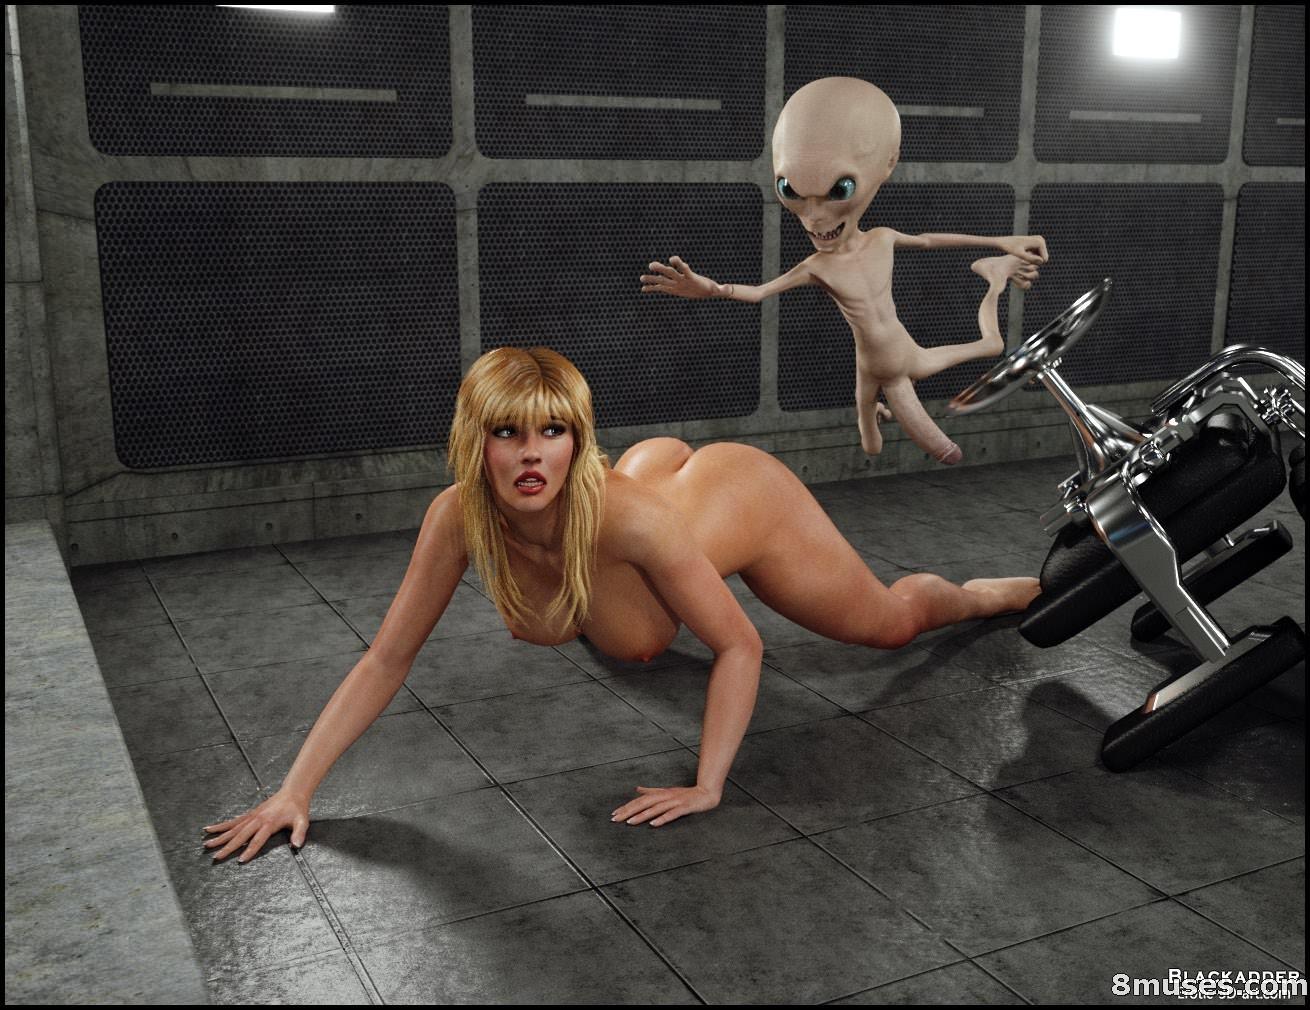 Смотреть секс люди и пришельцы, Блудливые Инопланетяне Fornicating Aliens () 8 фотография